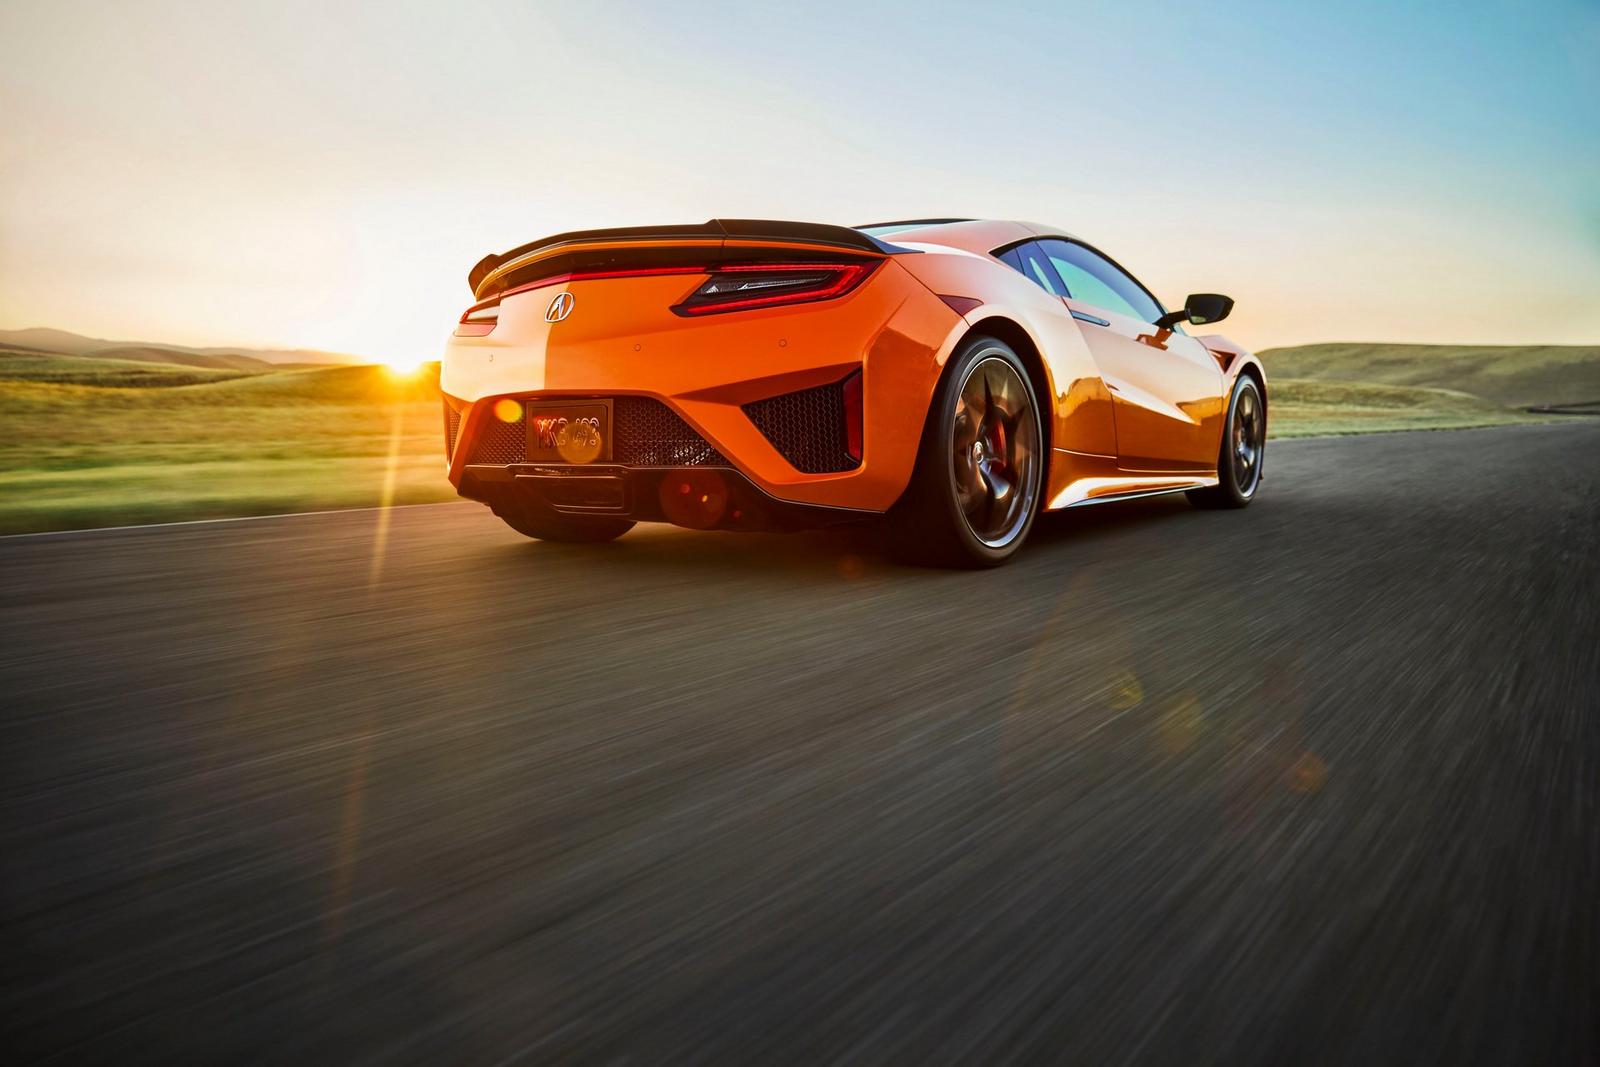 Siêu xe Acura NSX 2019 động cơ hybrid chốt giá từ 157.500 USD - Hình 9